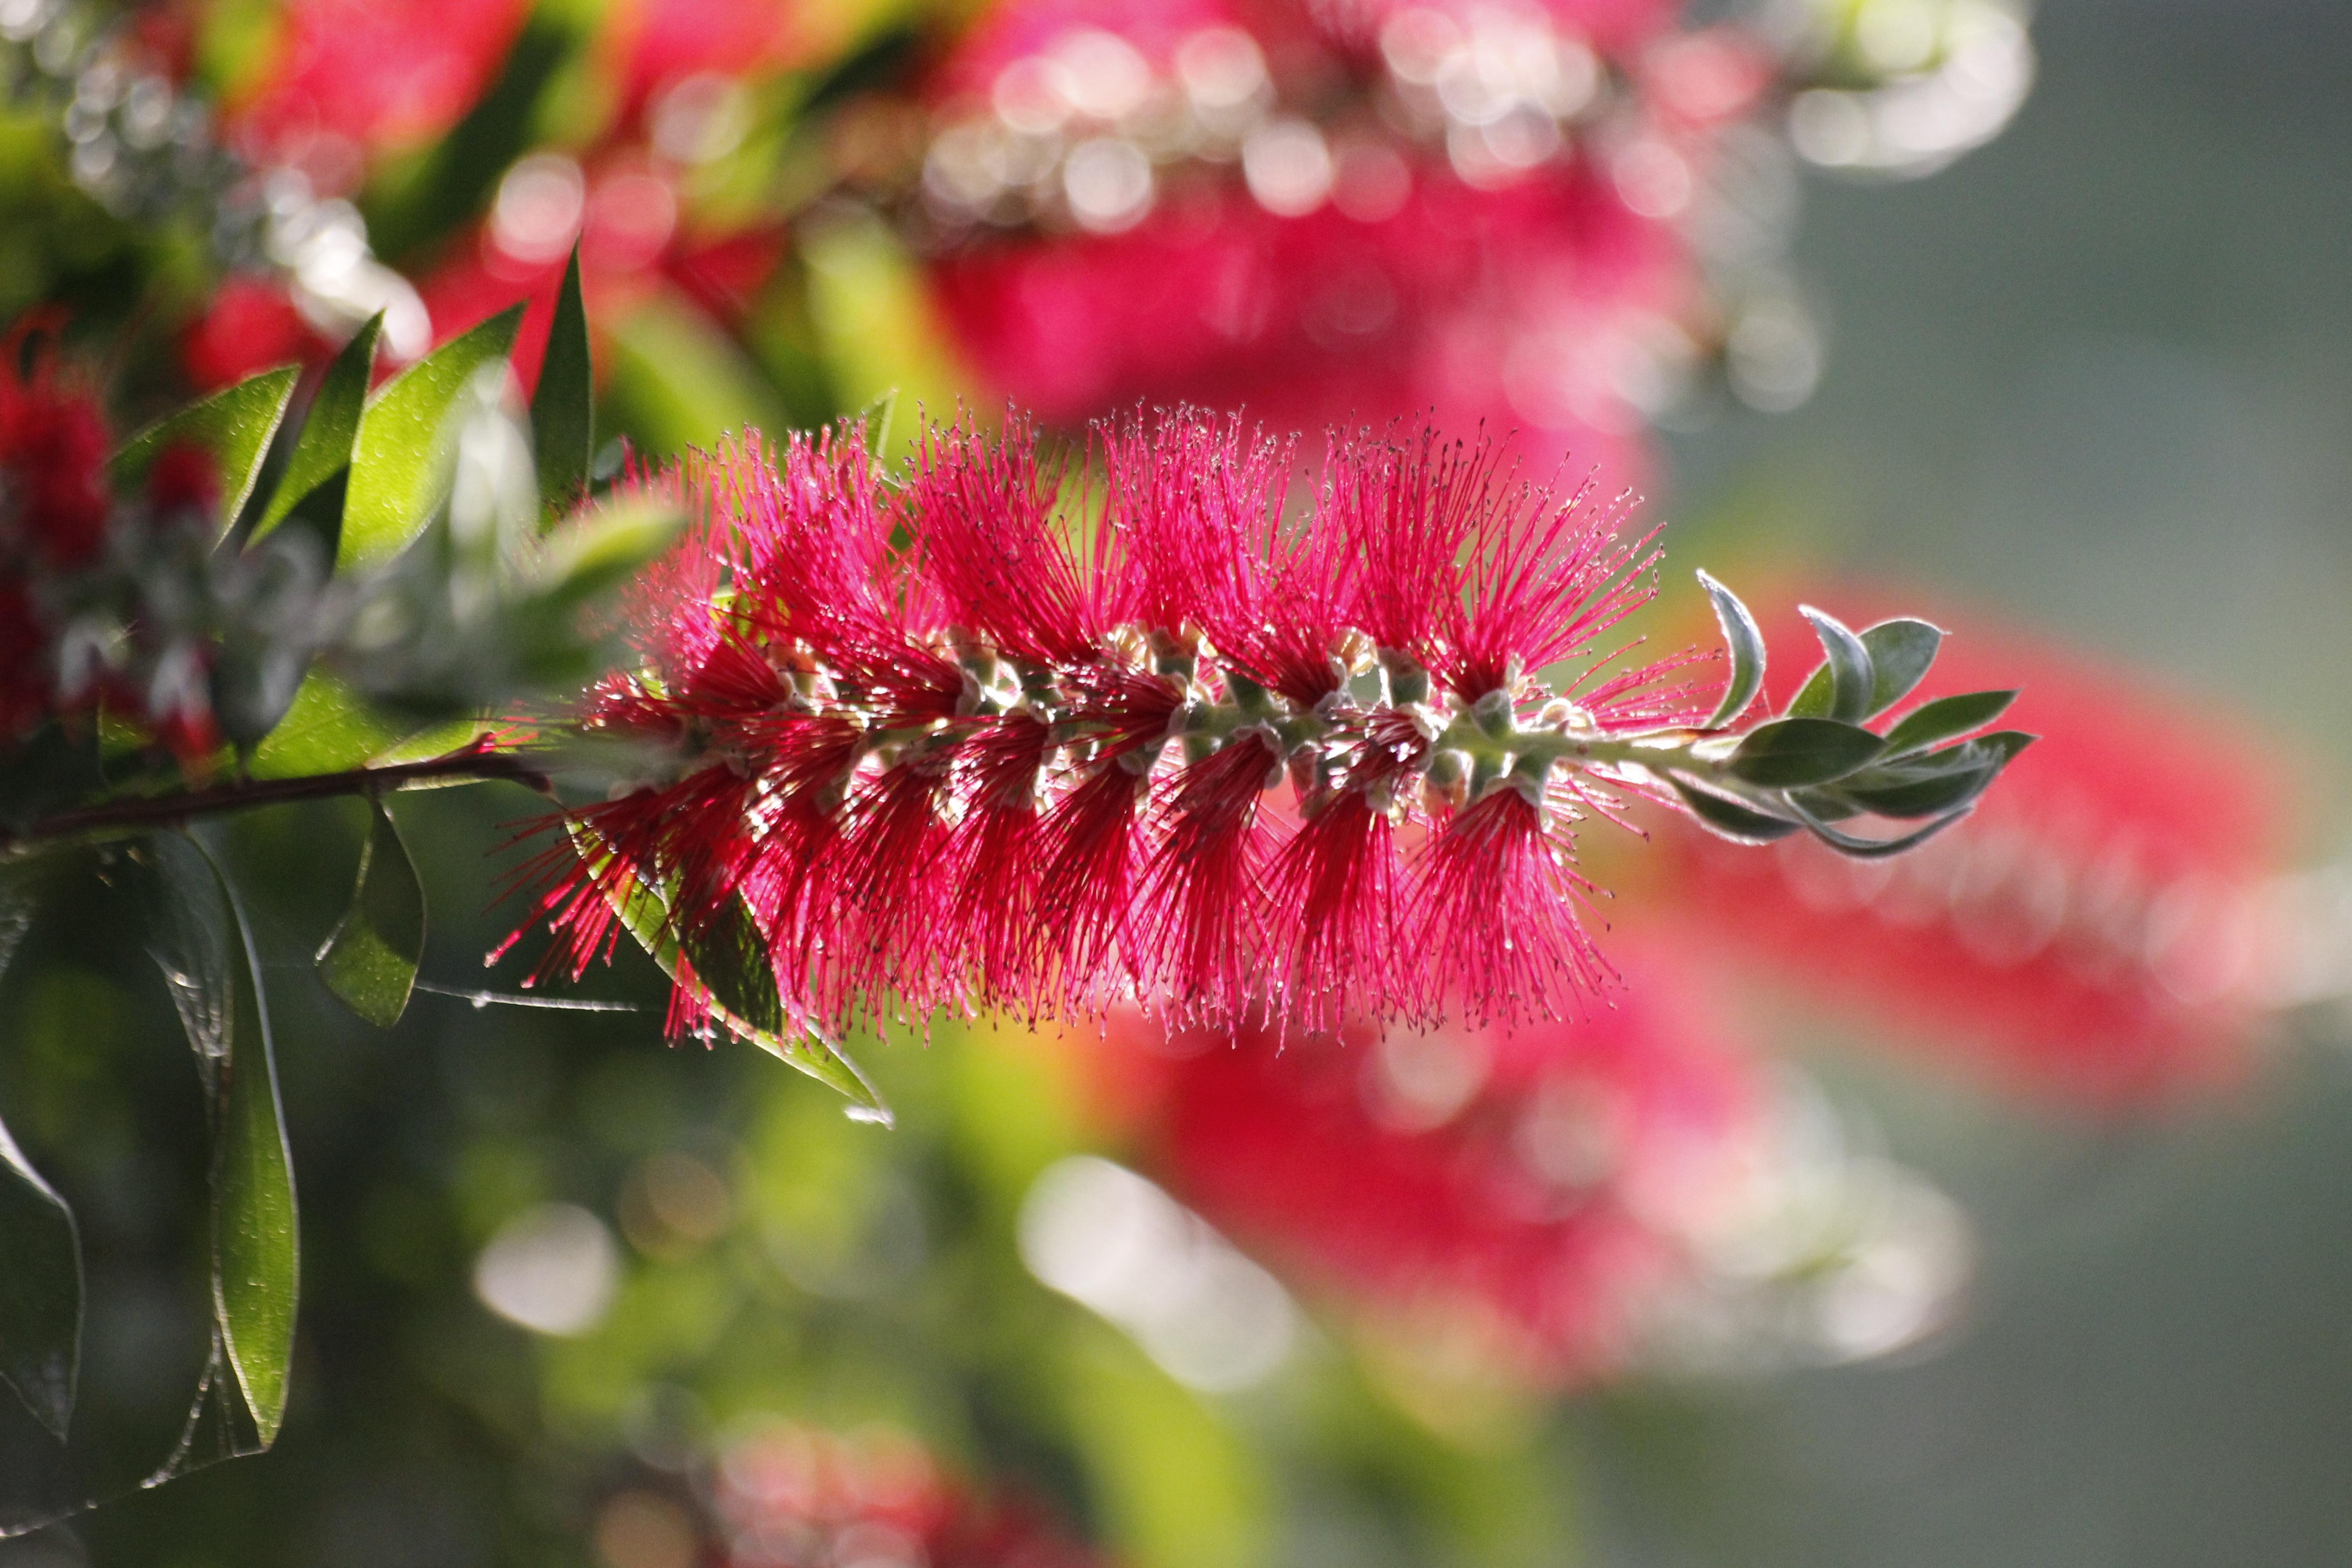 free images : nature, branch, blossom, leaf, petal, botany, pink